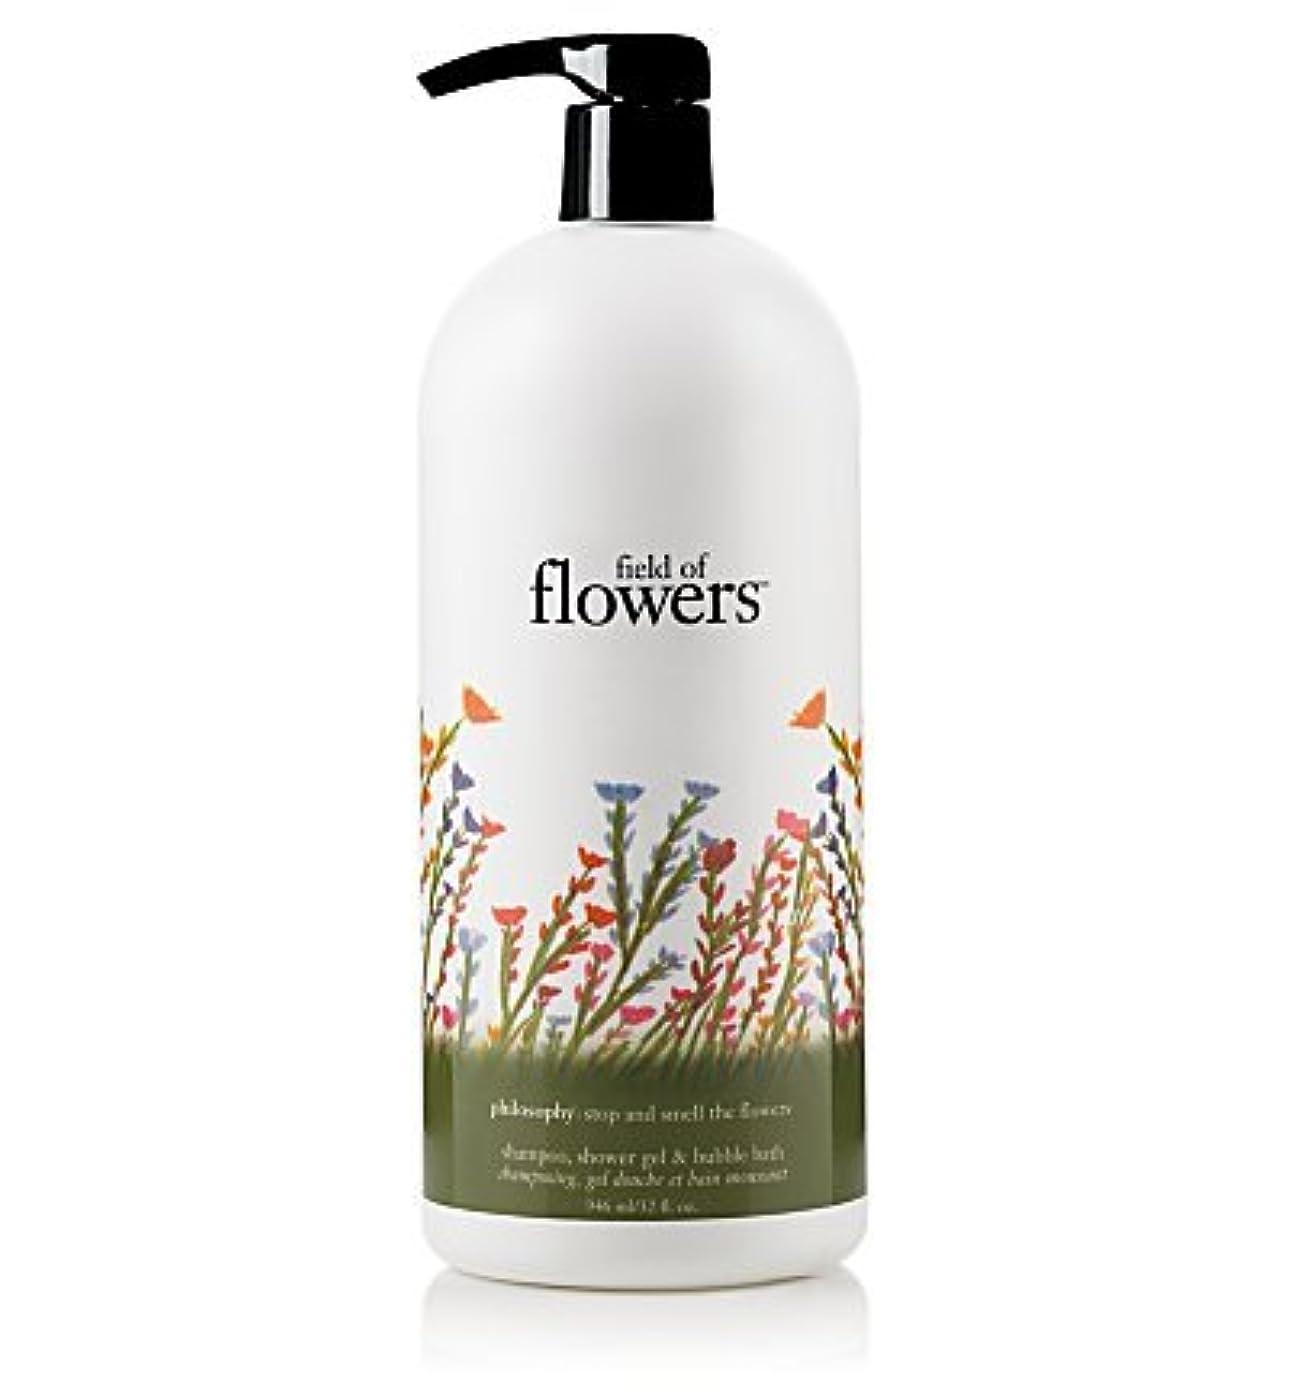 発揮するパース地域のfield of flowers (フィールド オブ フラワーズ) 32.0 oz (960ml) shampoo, shower gel & bubble bath for Women